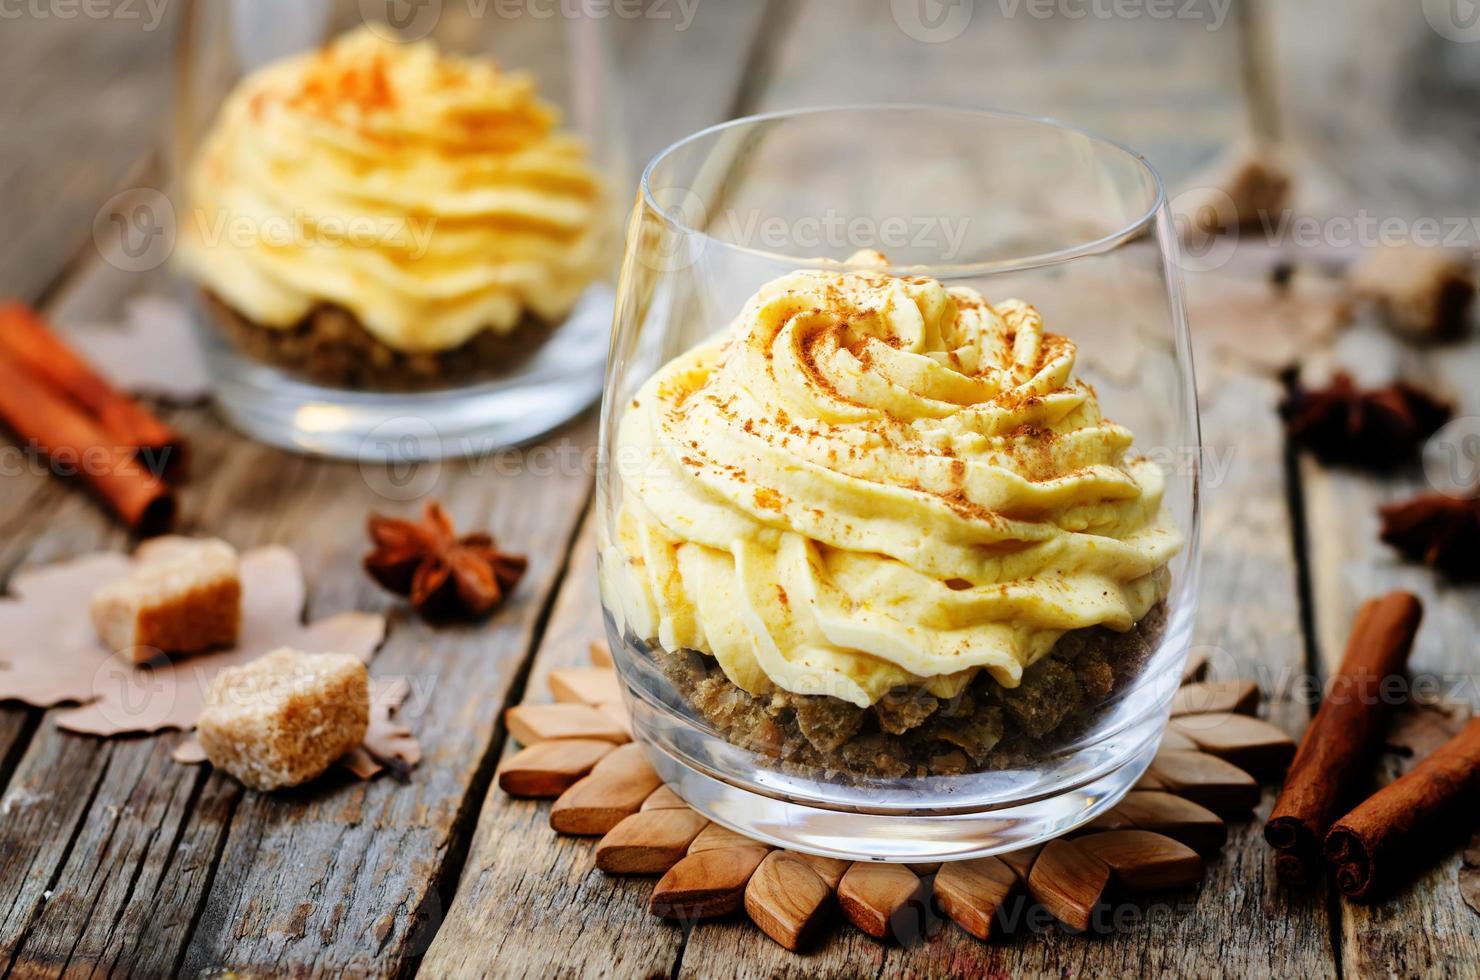 mousse de pastel de queso con especias de calabaza foto